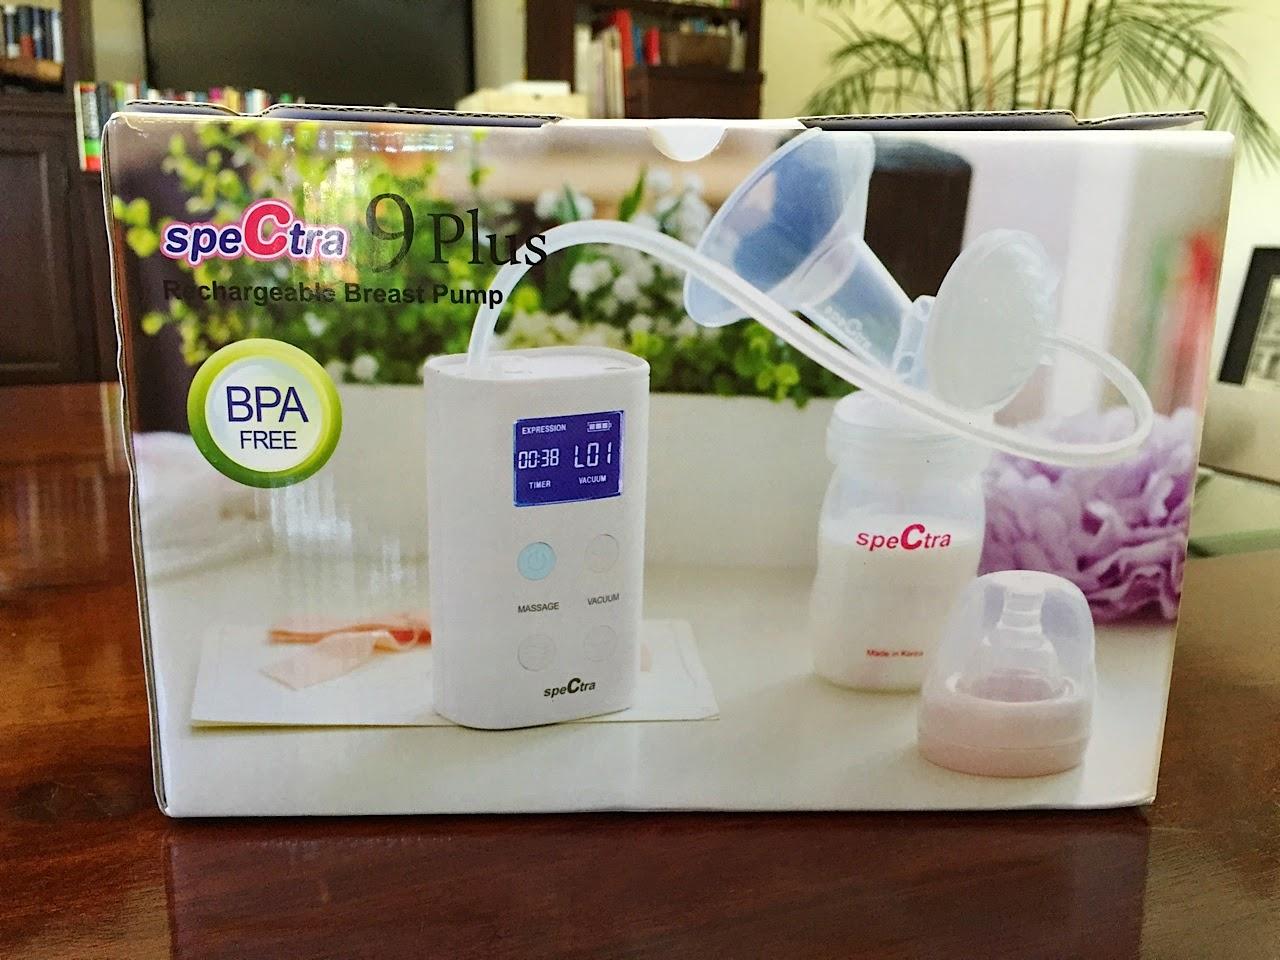 cách chọn máy hút sữa không có bpa